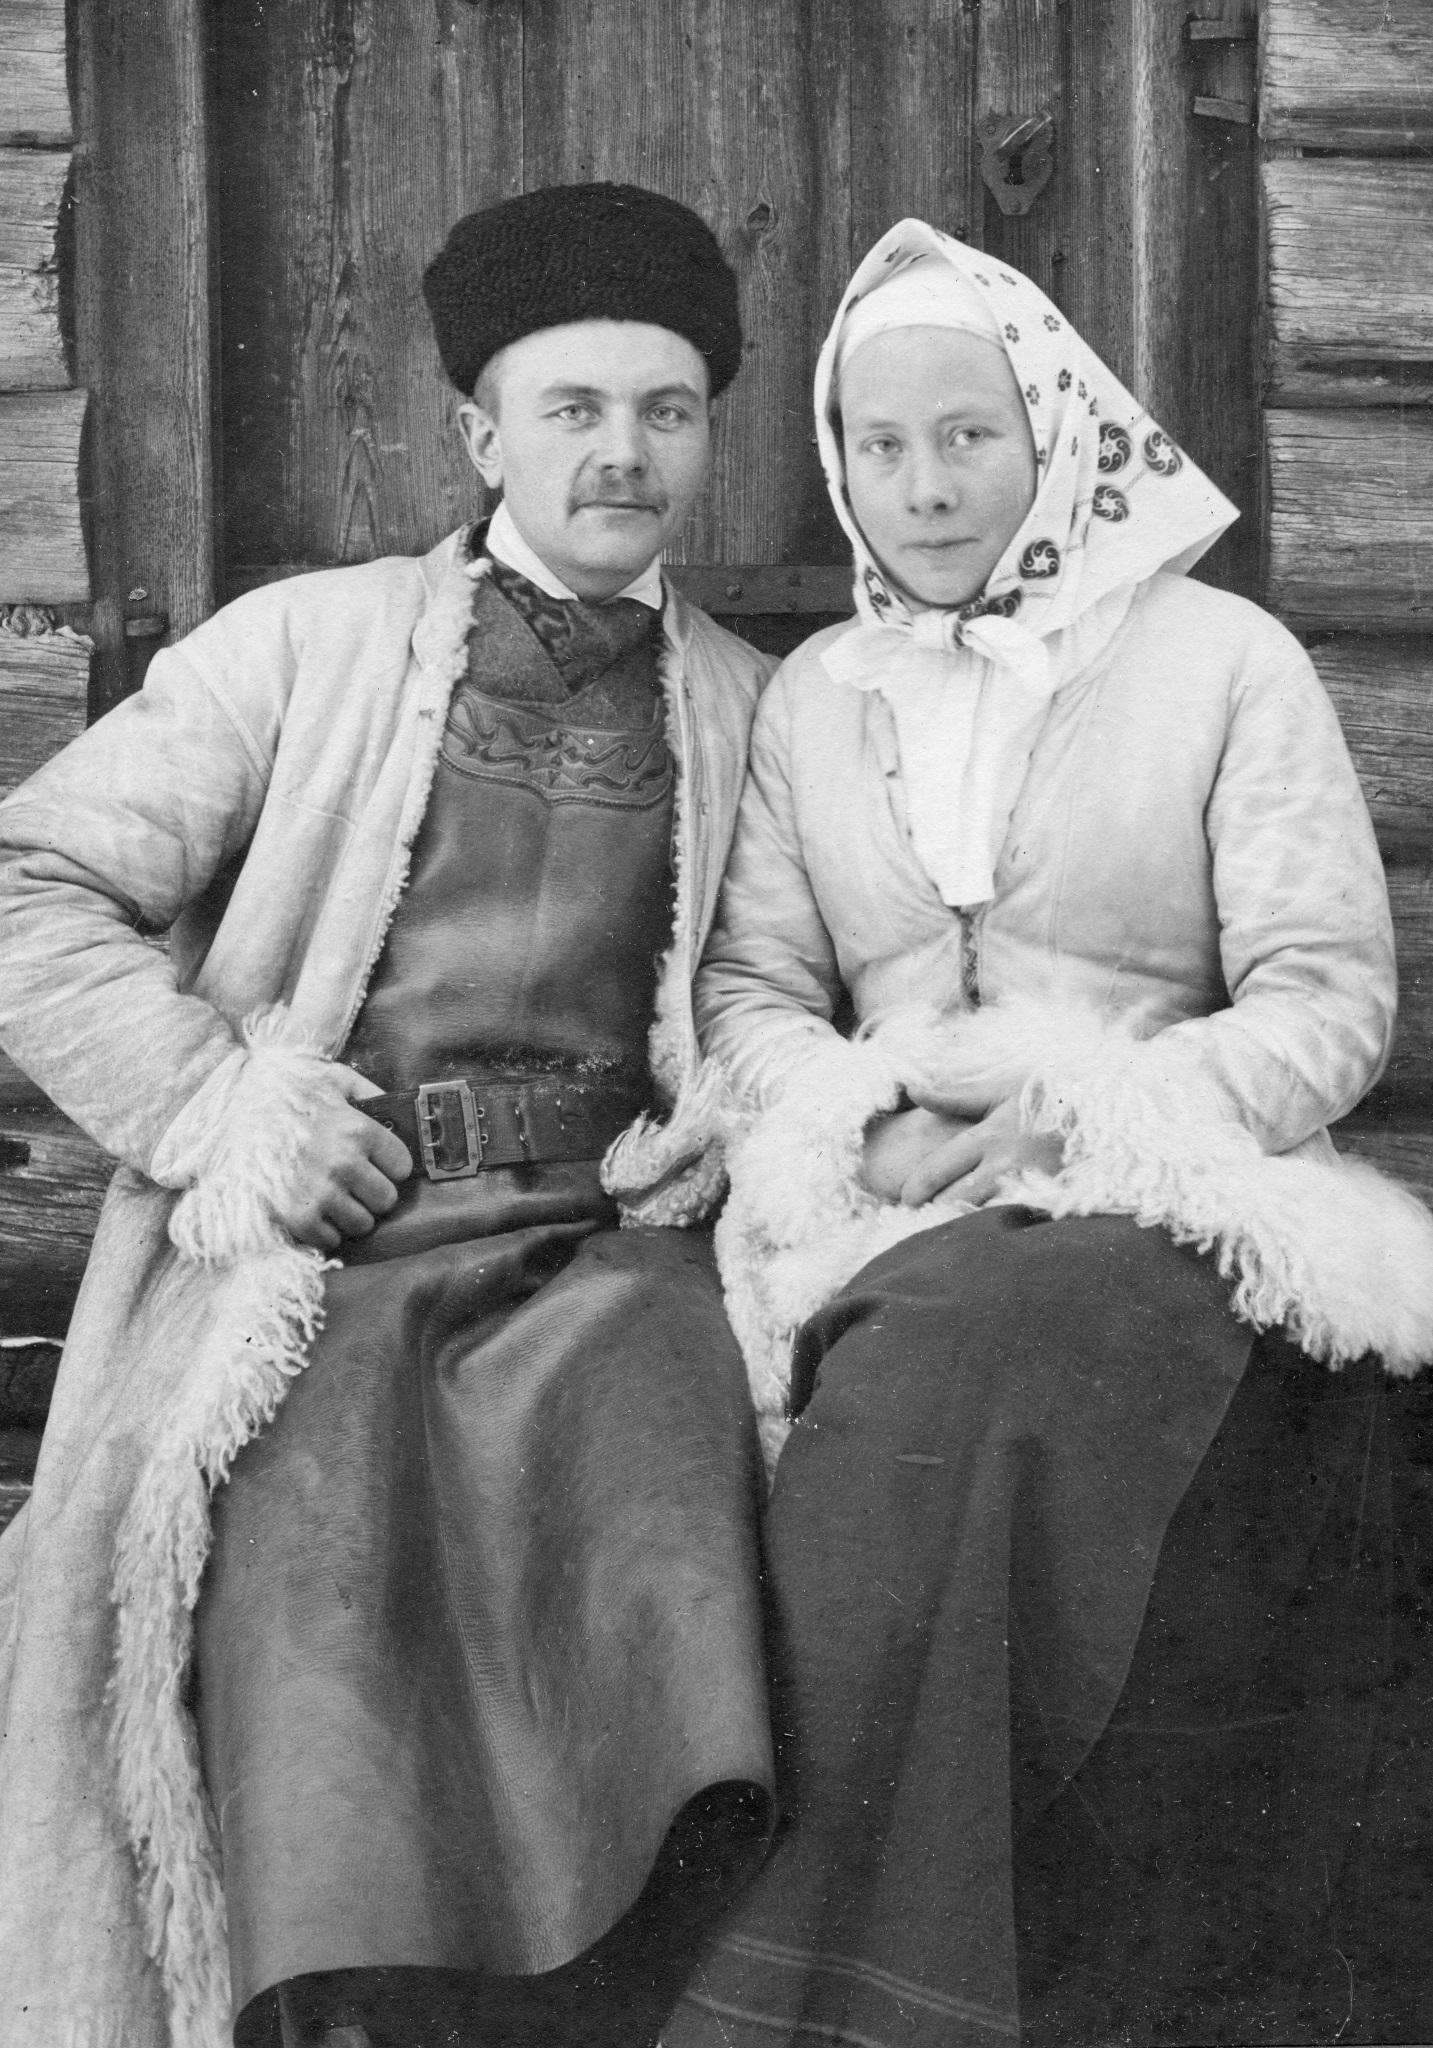 Bond Erik och Mats Kristina